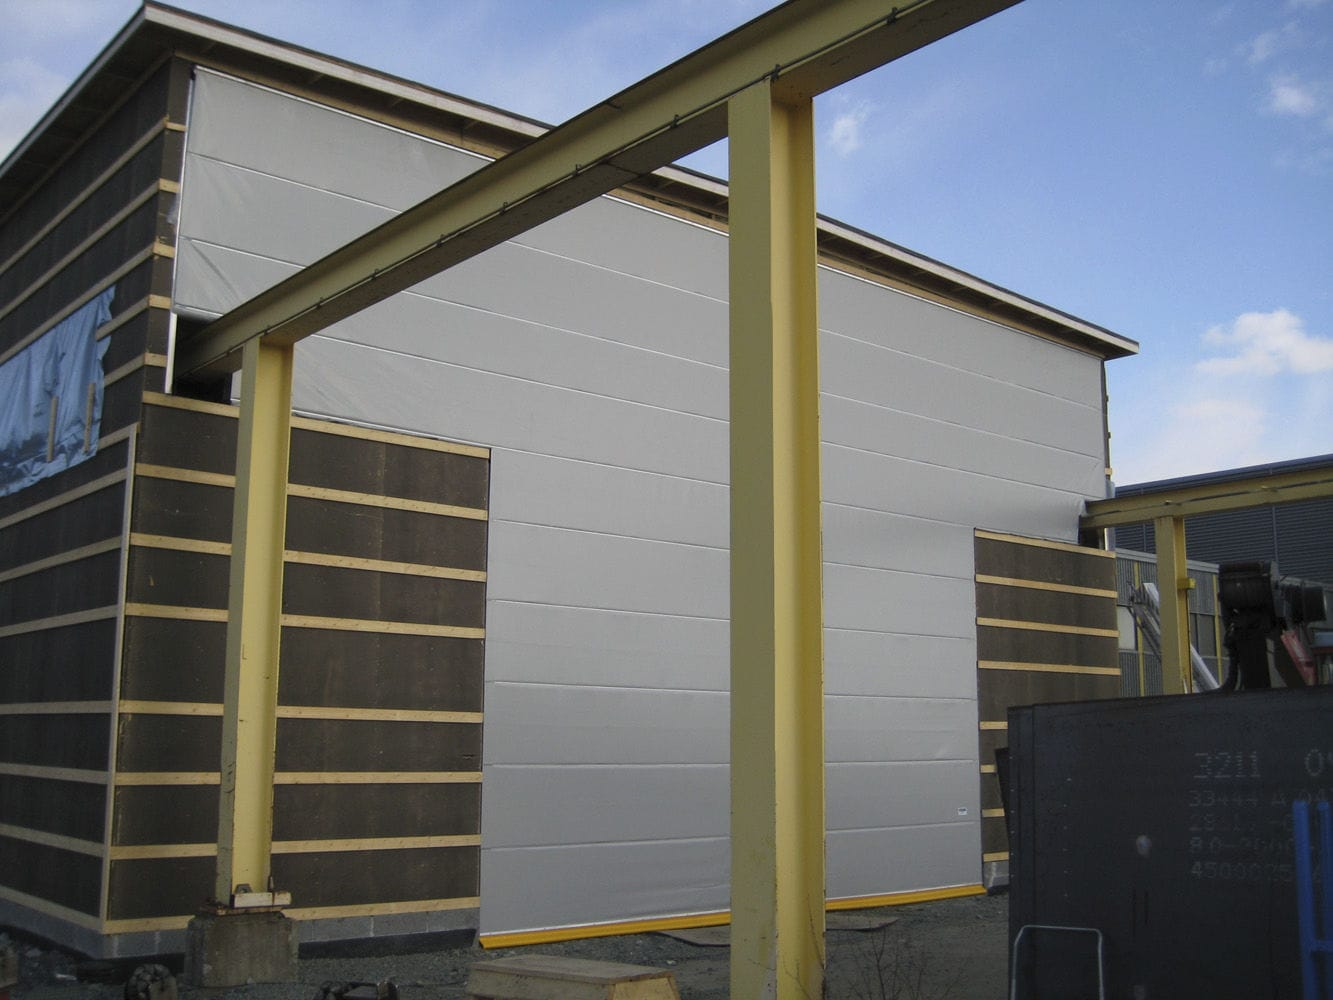 ... Fold-up door / fabric / for overhead cranes / exterior Craneway doors Ch&ion Door ... & Fold-up door / fabric / for overhead cranes / exterior - Craneway ... Pezcame.Com